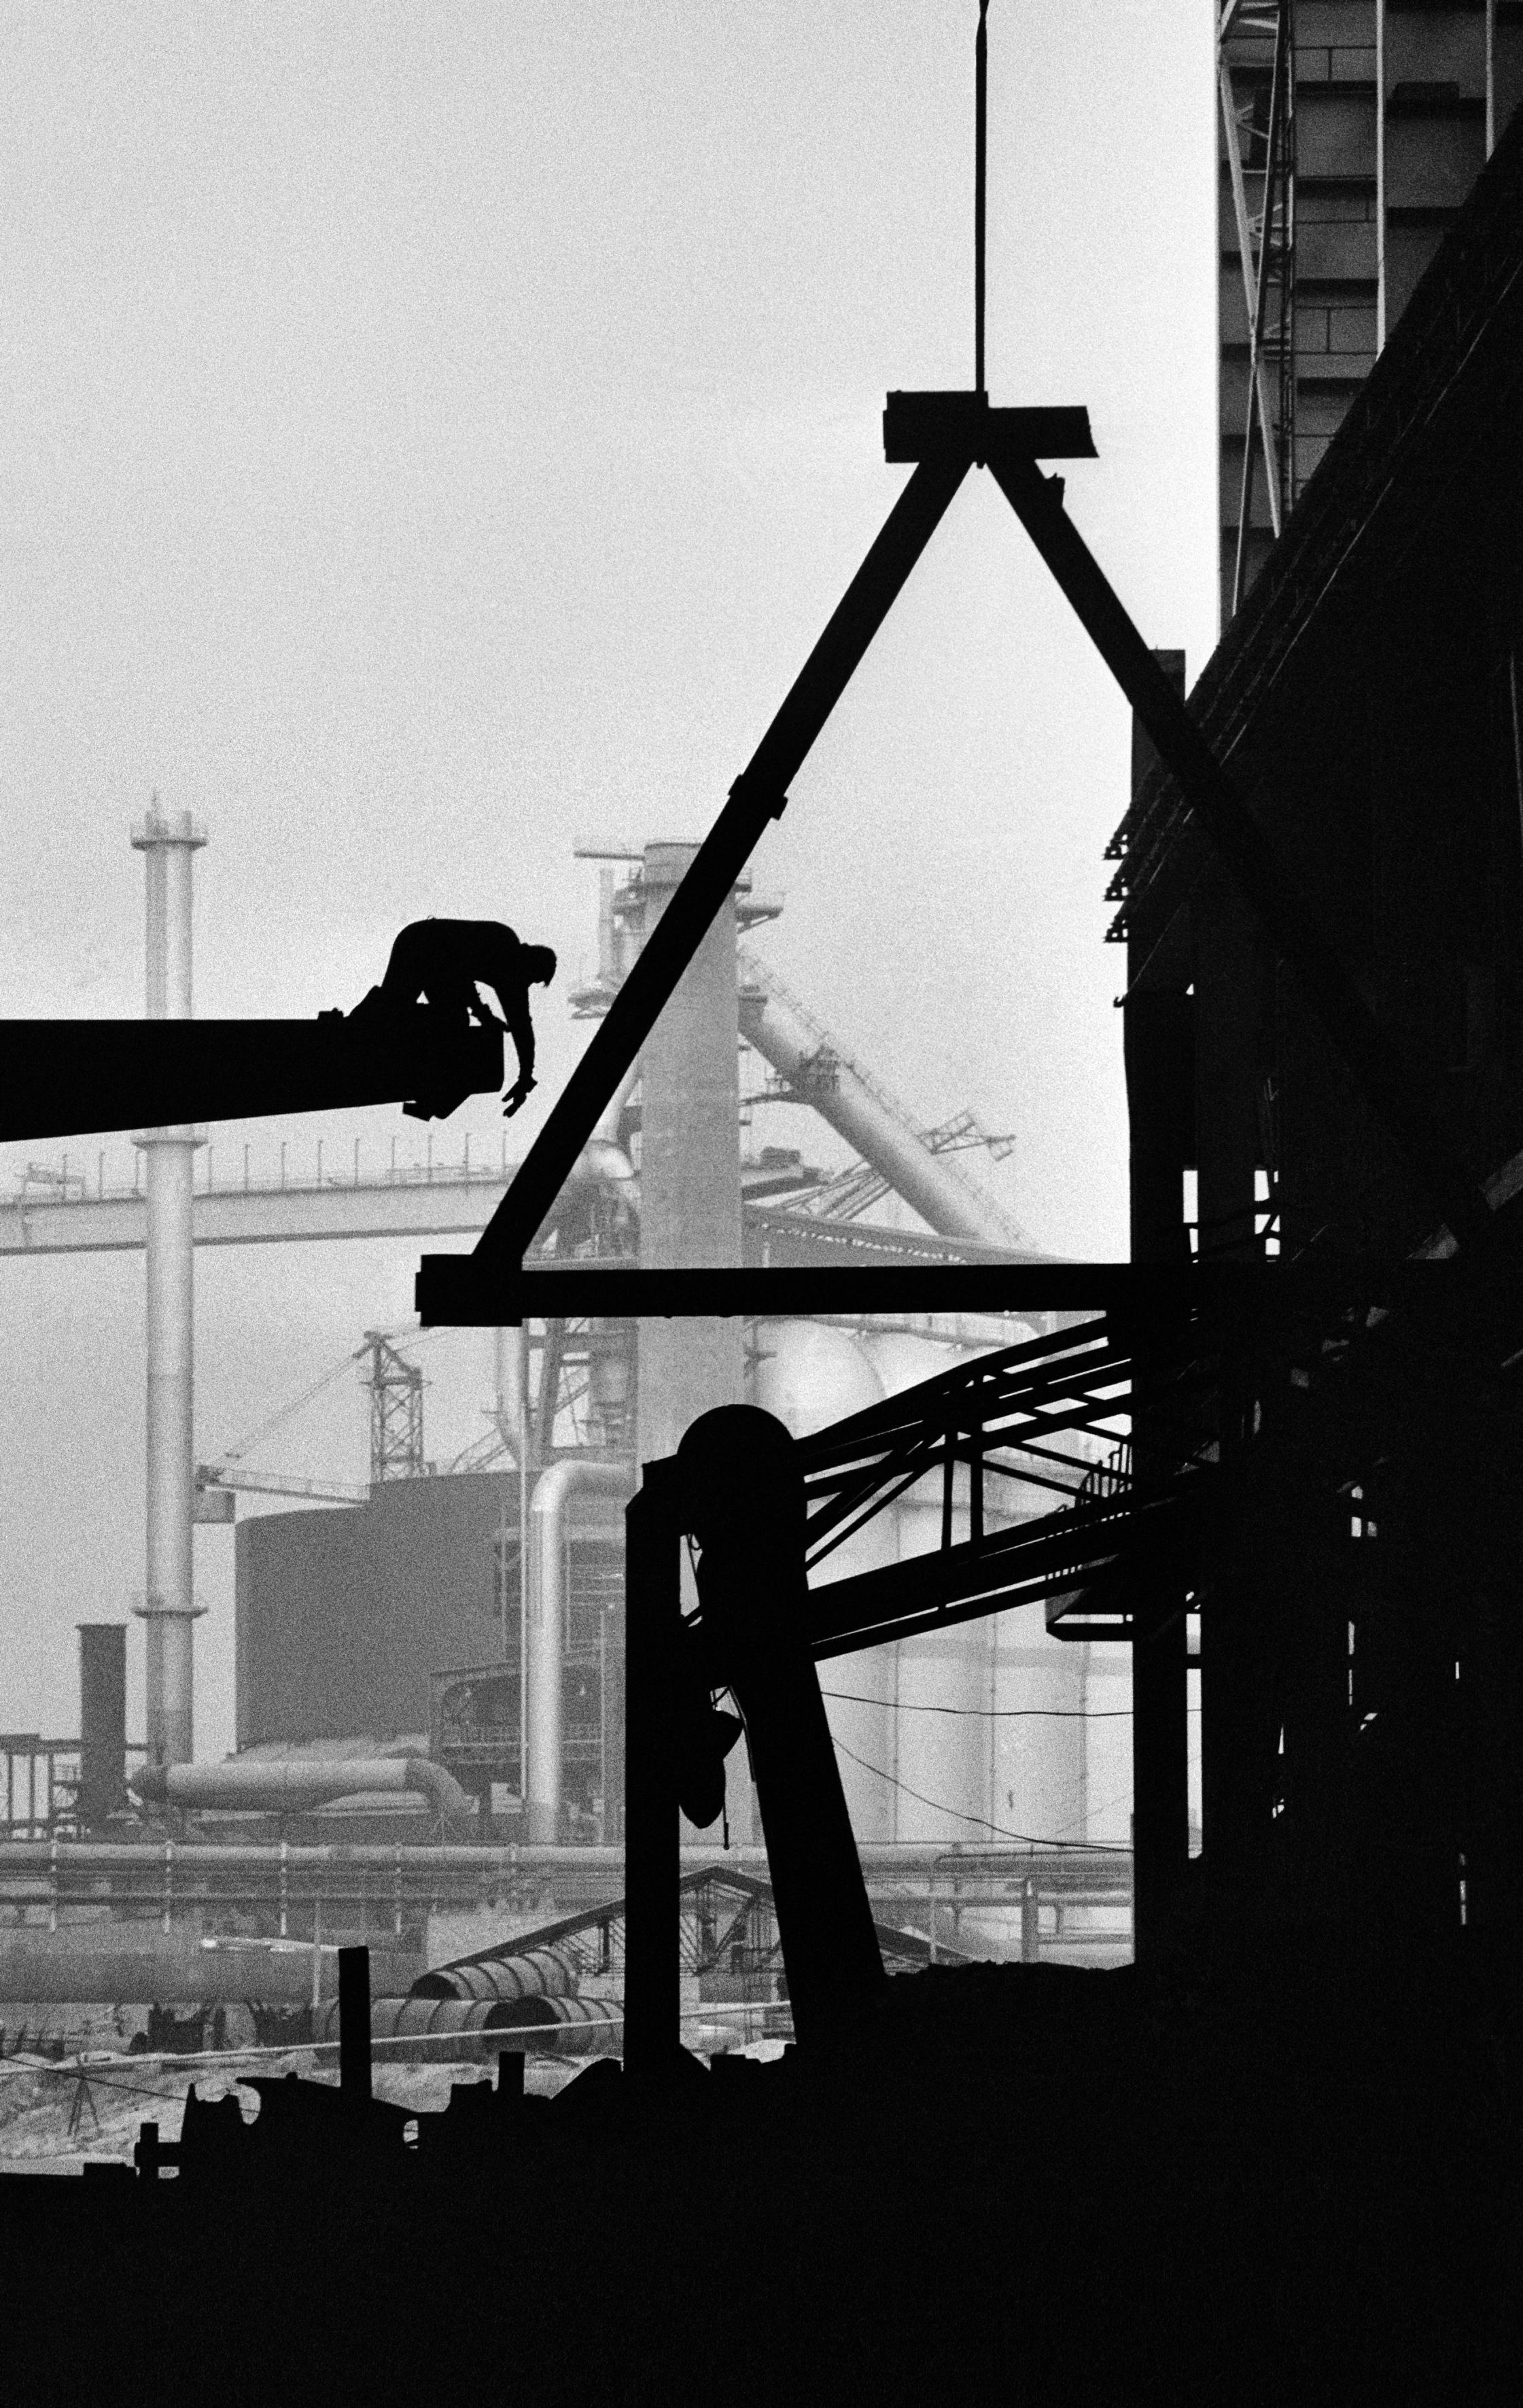 Dąbrowa Górnicza, 09.1976. Budowa Huty Katowice, montaż konstrukcji stalowej. Fot. Aleksander Jałosiński/FORUM